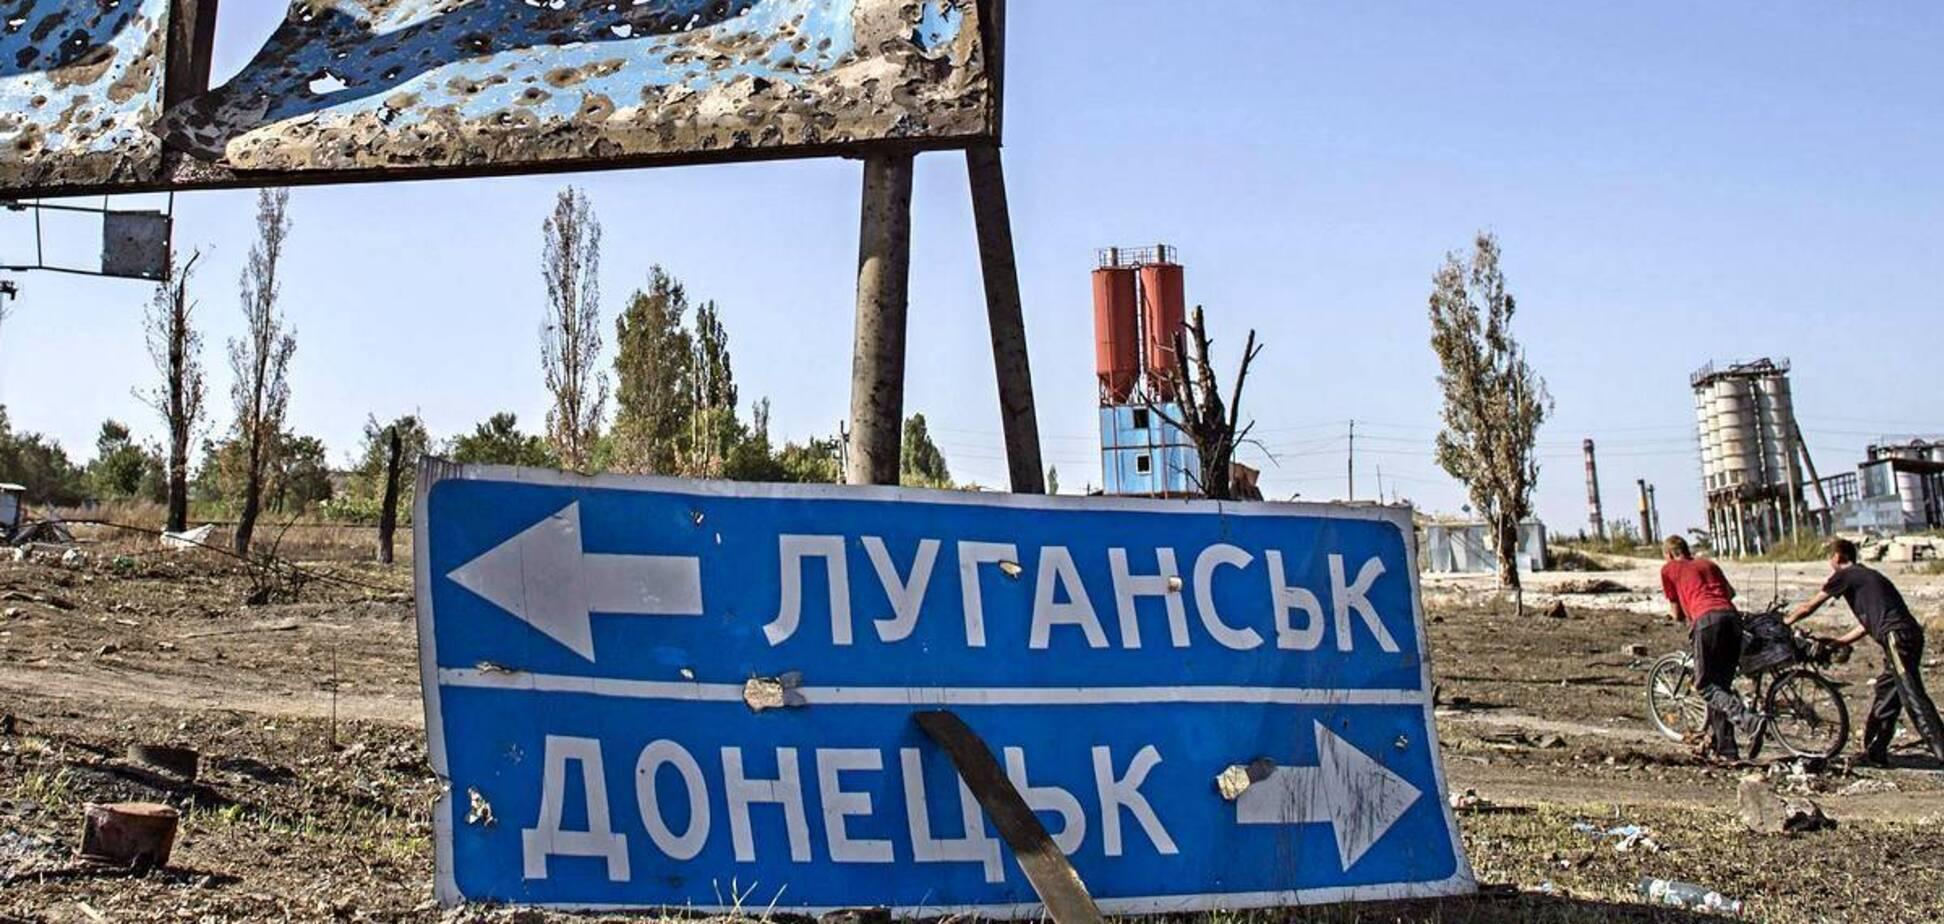 К переговорному процессу по Донбассу должны присоединиться не только США, но и Великобритания